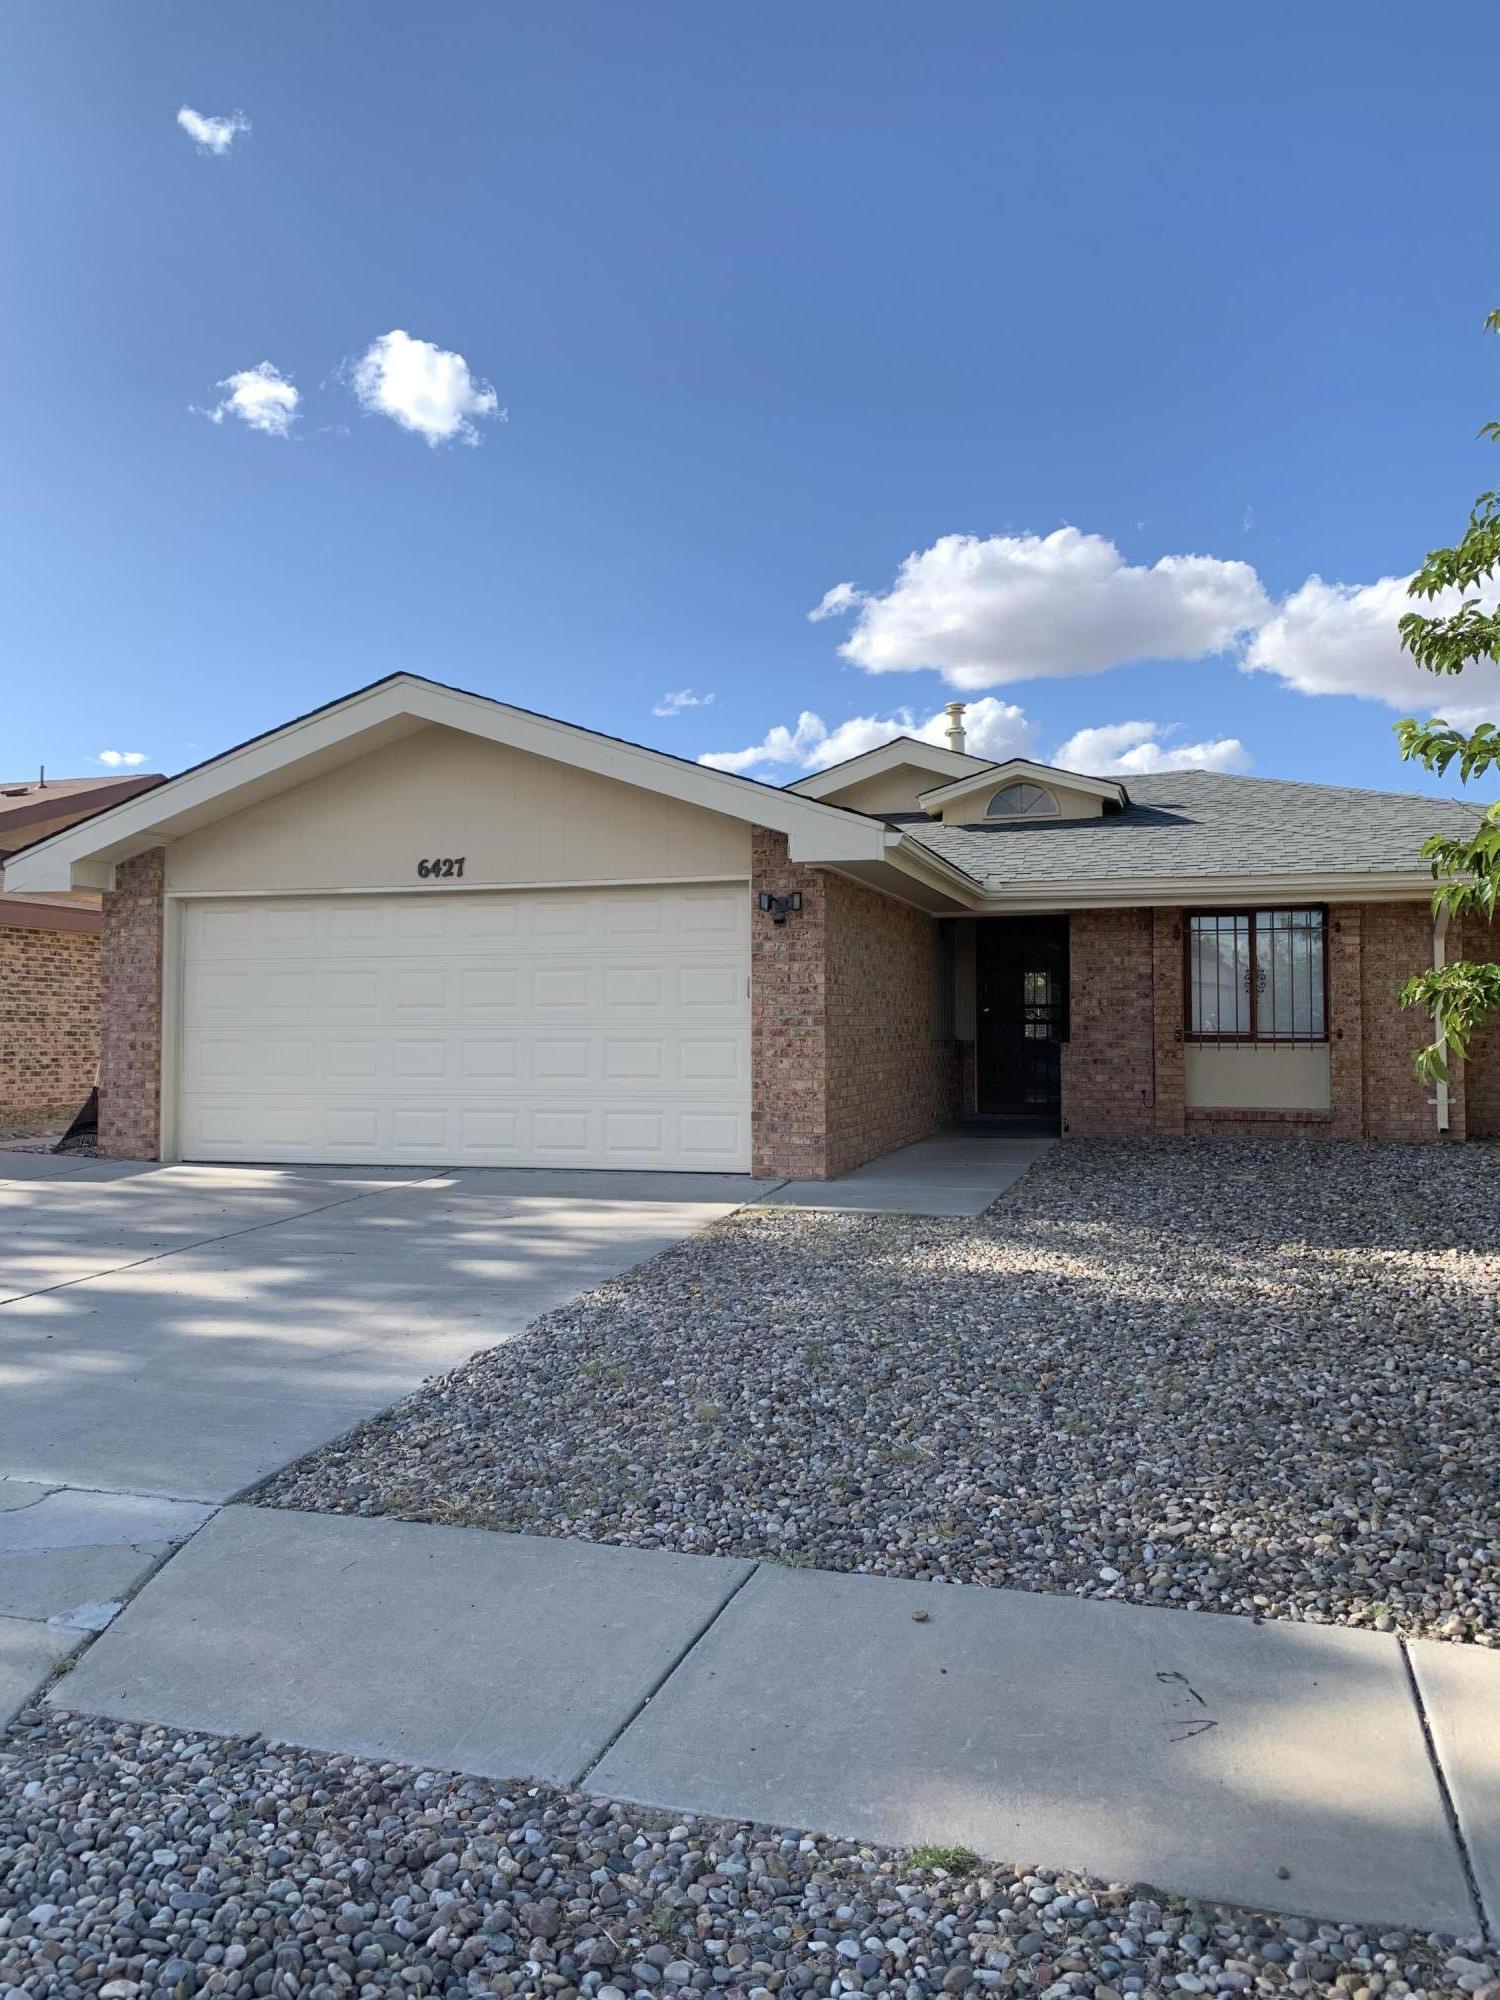 6427 LAMY Street, Albuquerque NM 87120